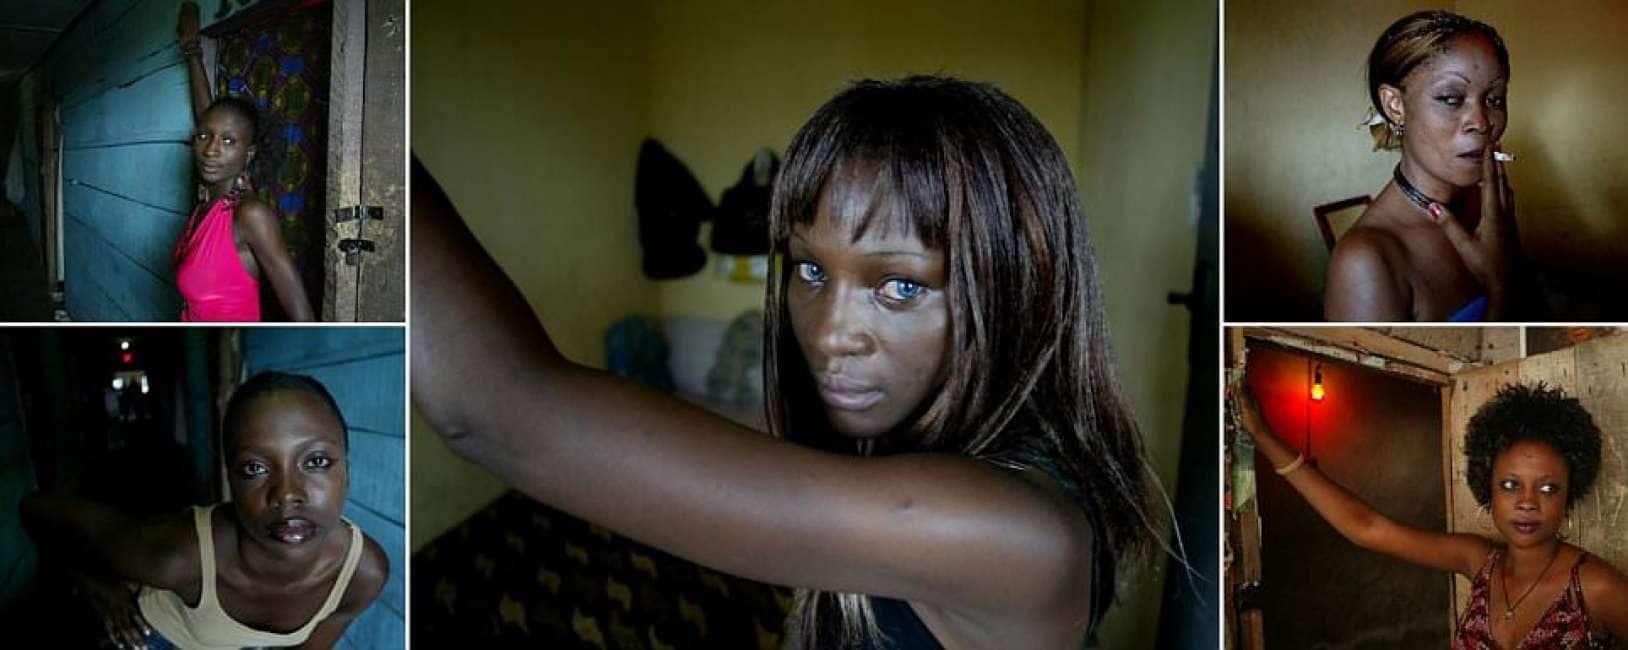 donna nera che risale un uomo nigeriano